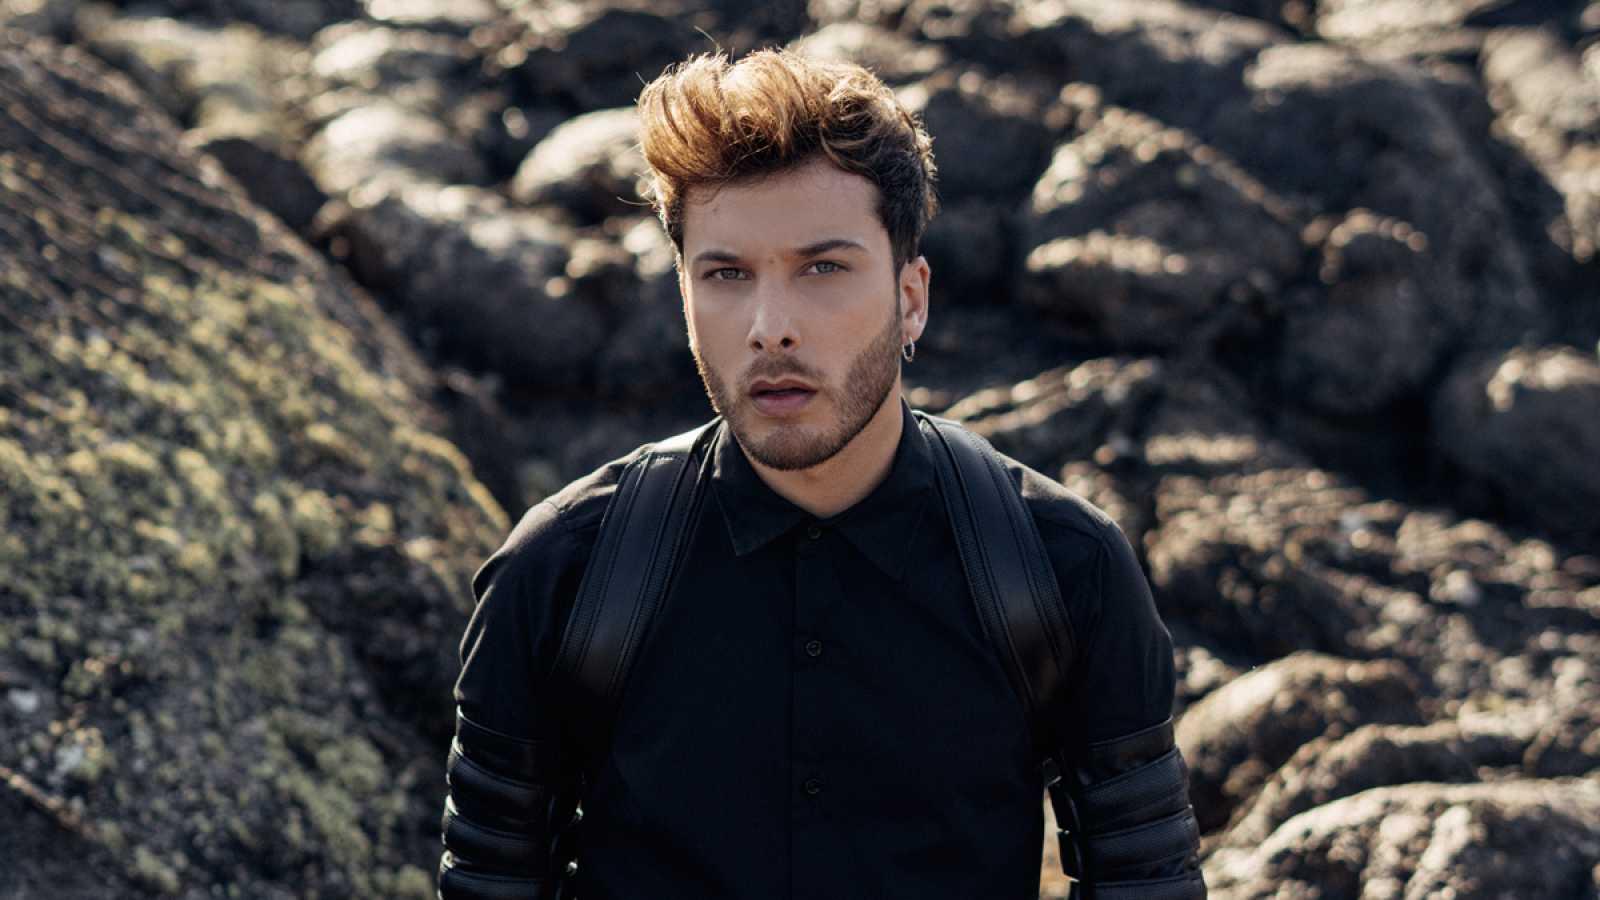 Se cancela Eurovisión. Blas Cantó representará a España en 2021